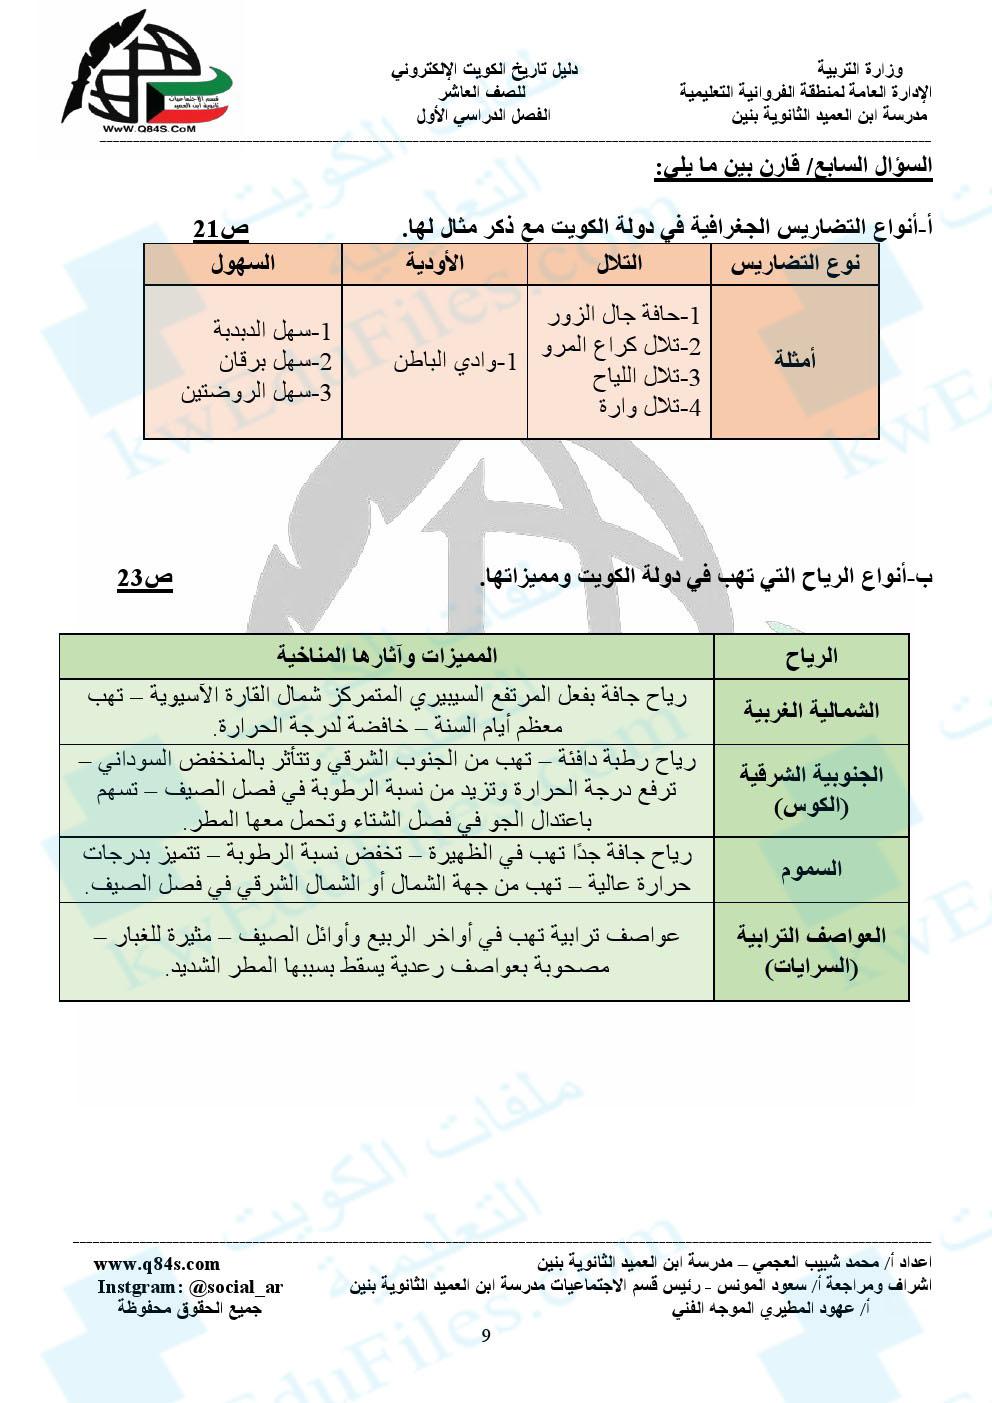 كتاب تاريخ الكويت الصف العاشر